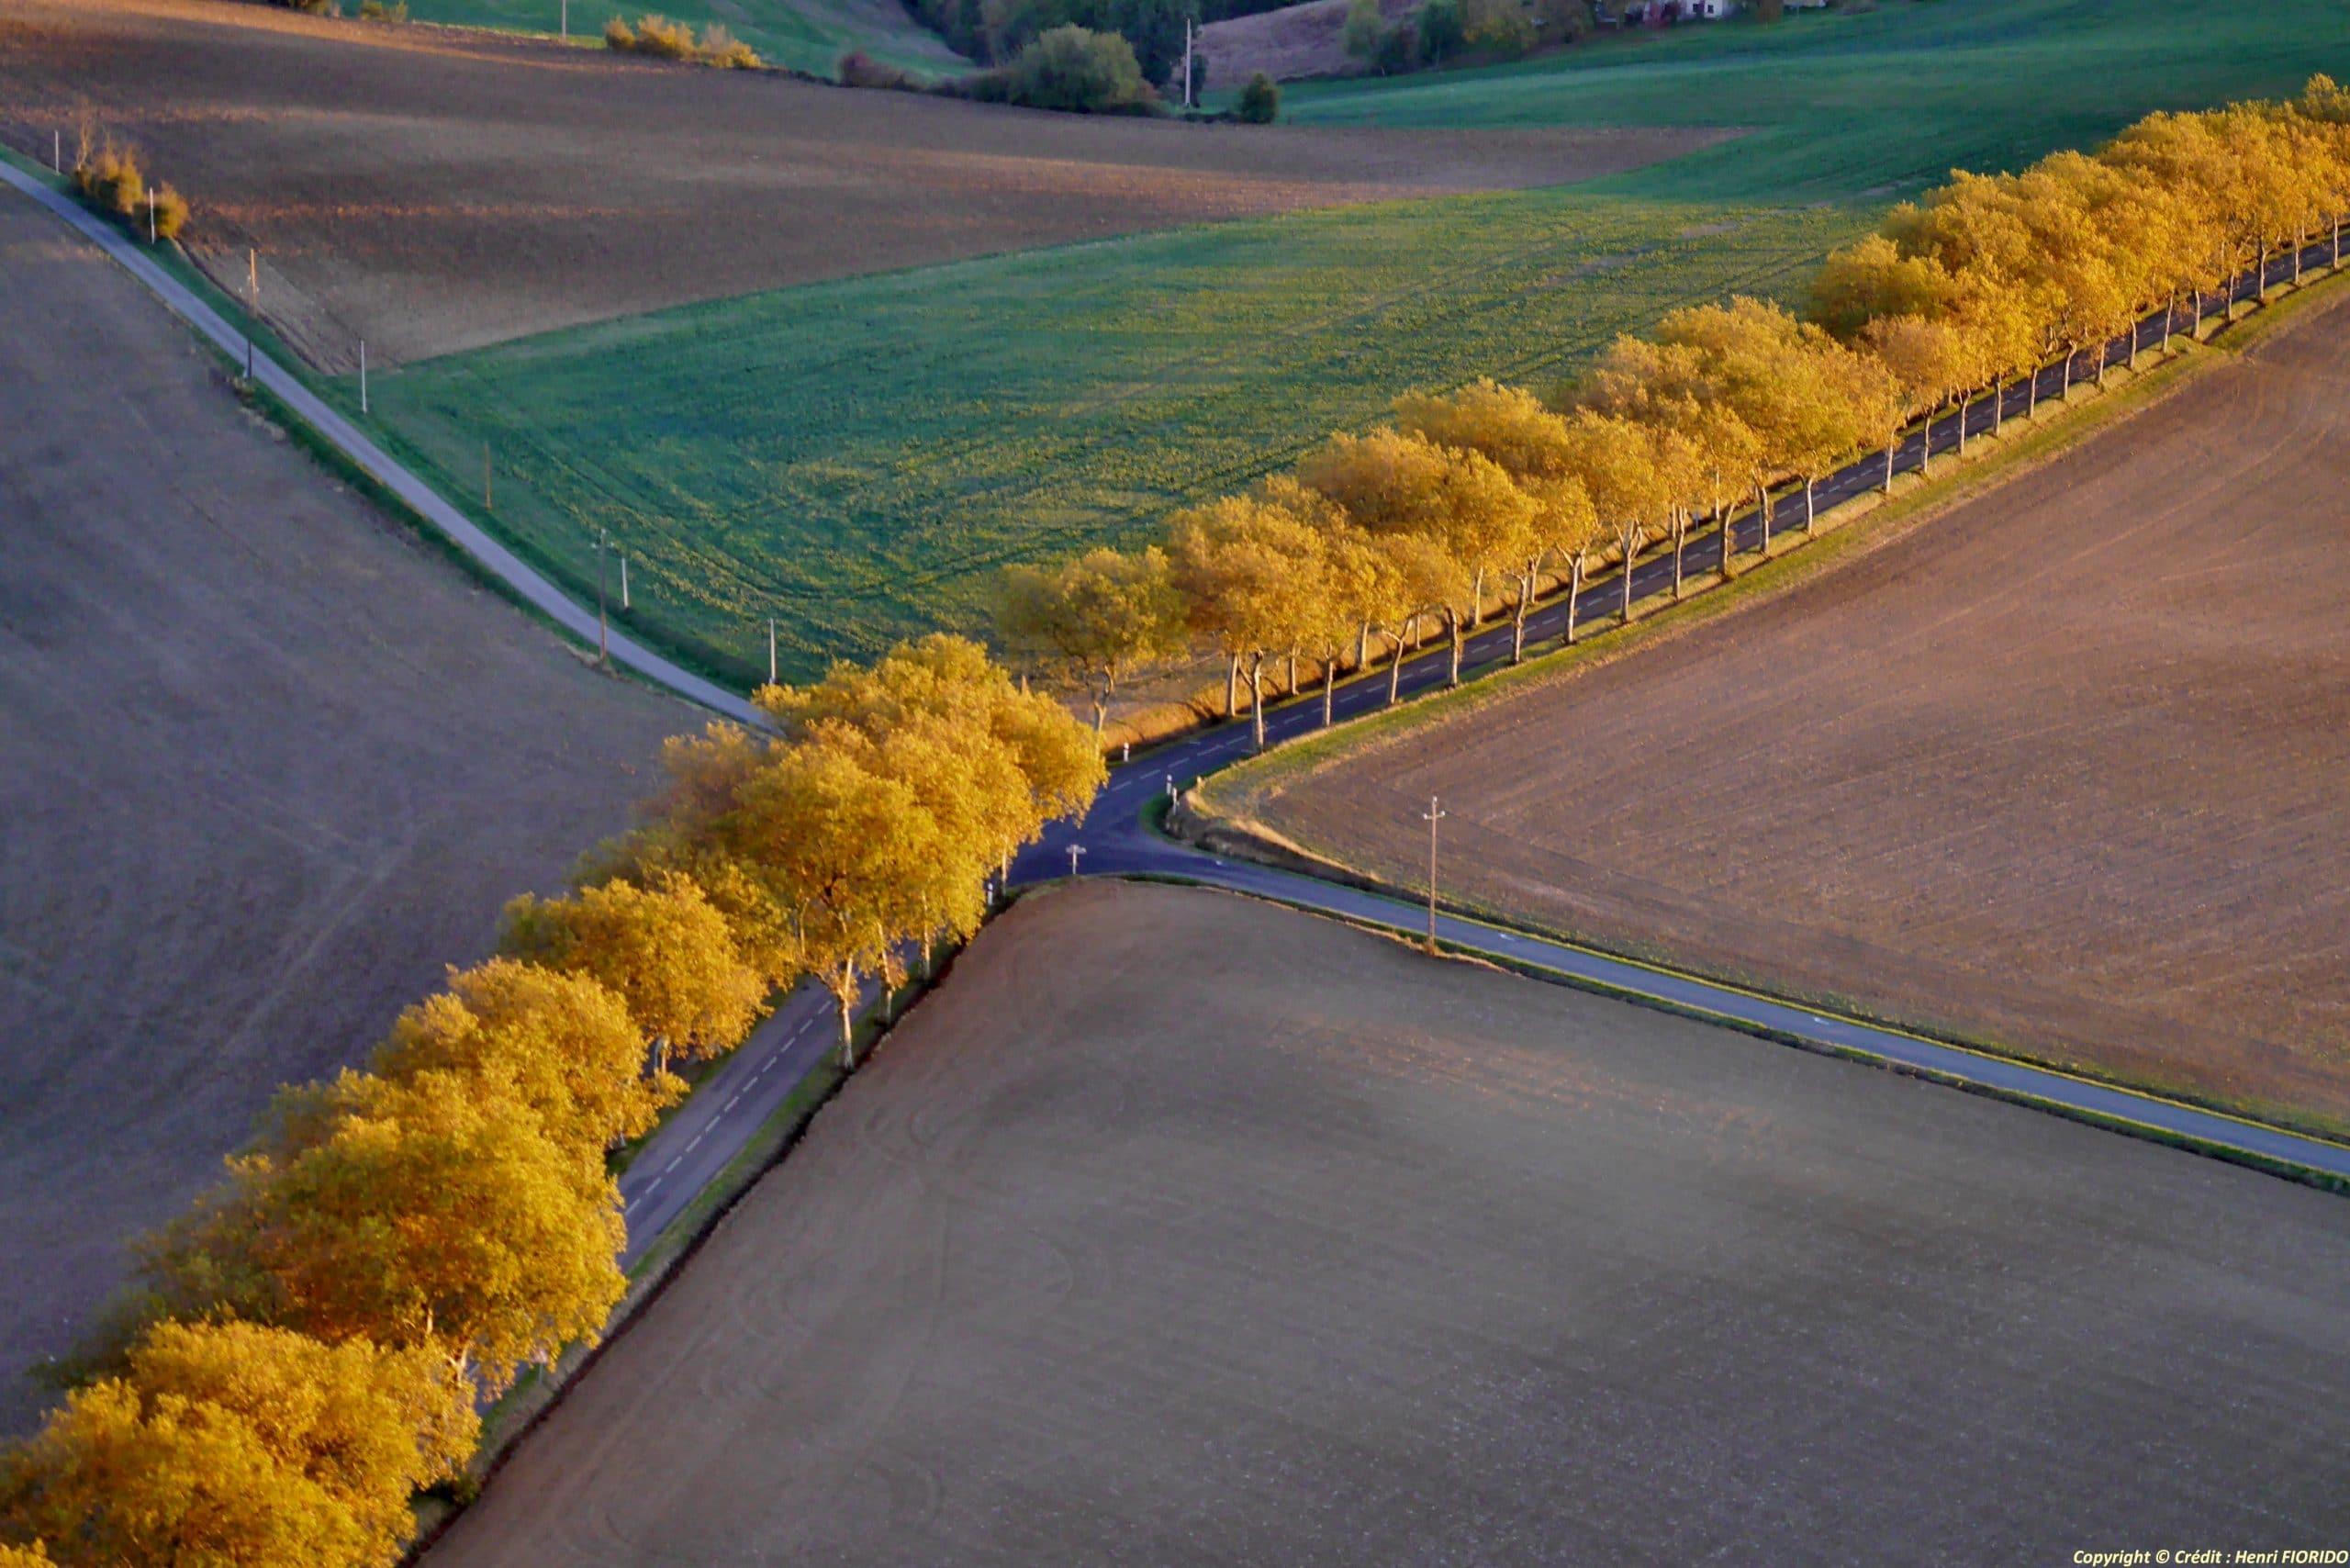 Vue aérienne d'un alignement d'arbres avec les feuilles dorées au bord d'une route